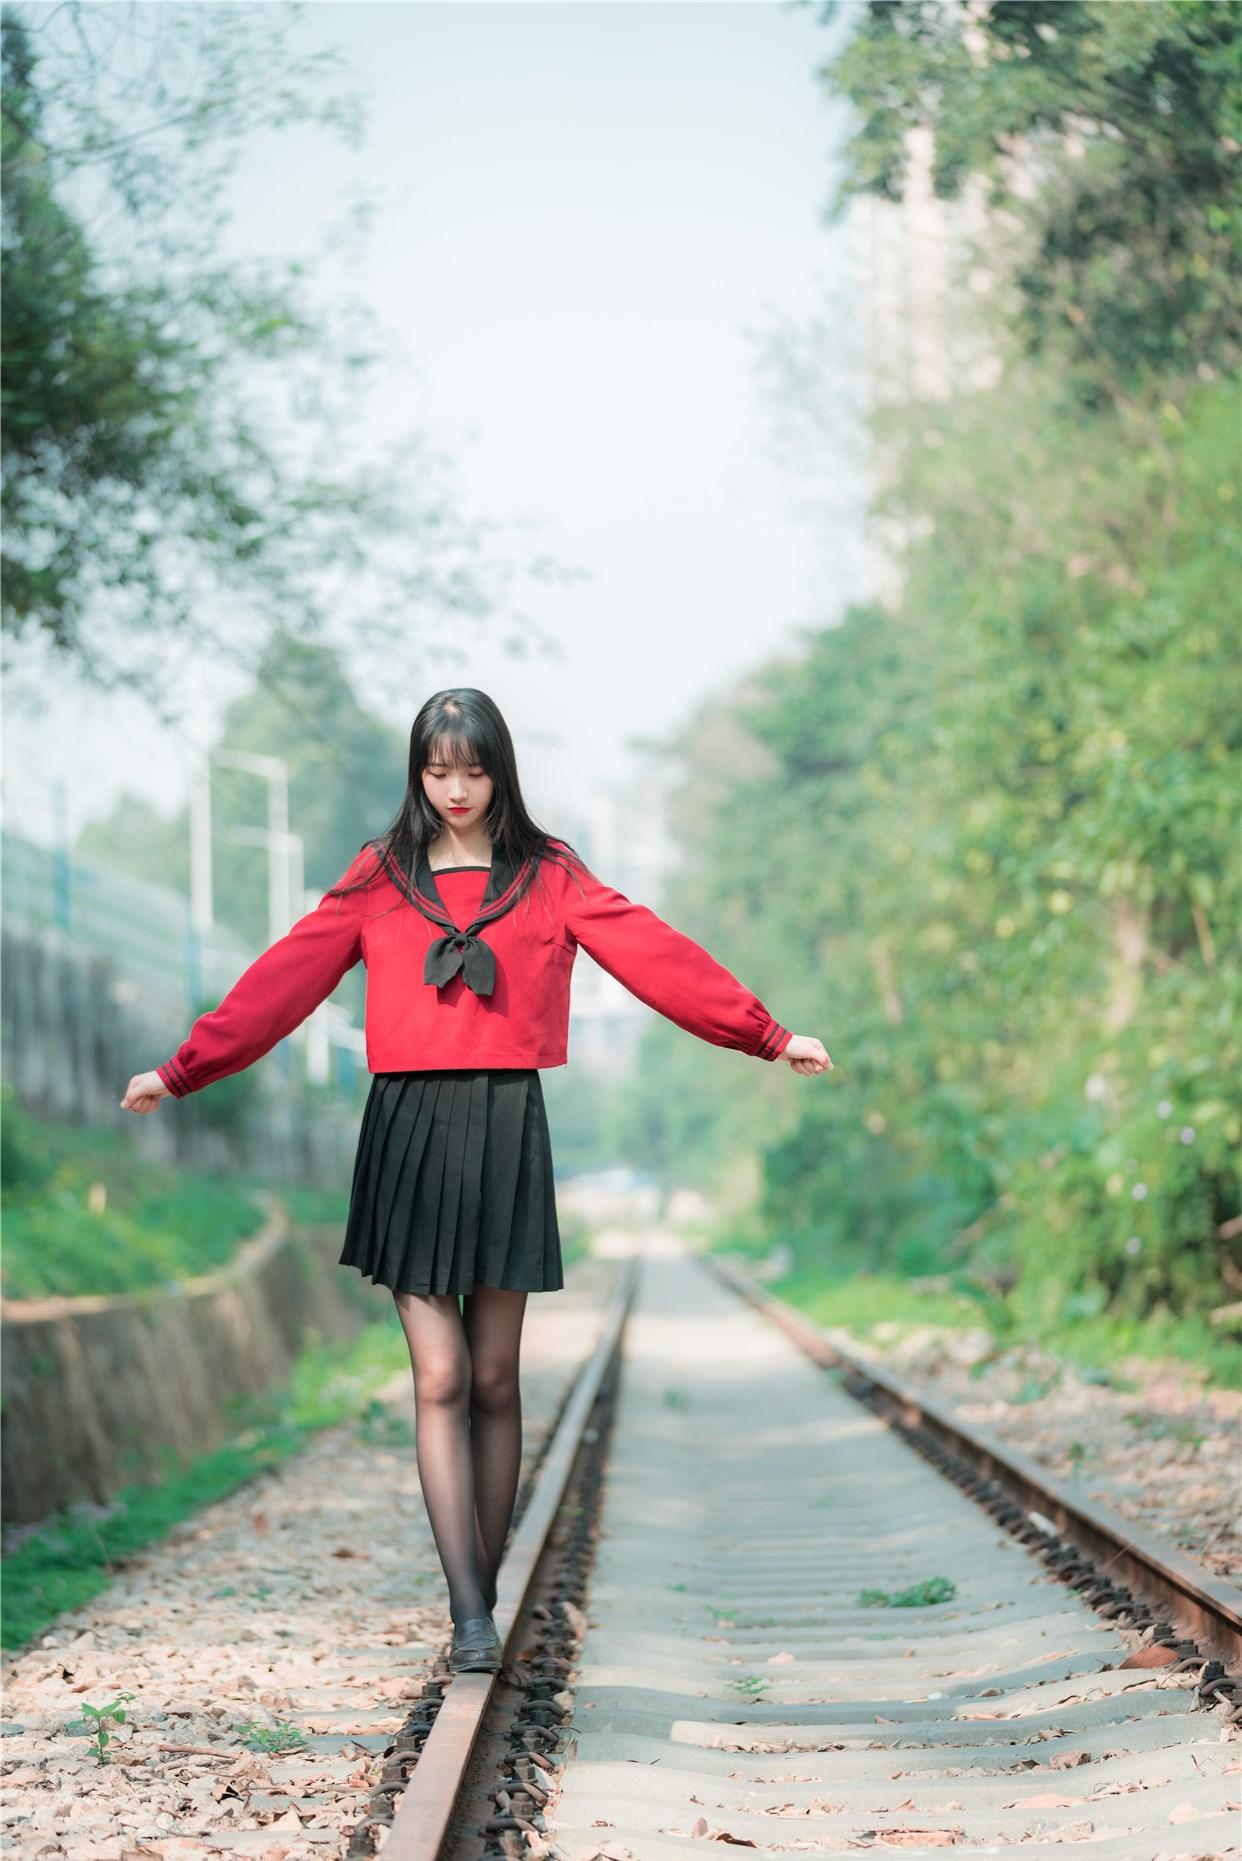 【兔玩映画】奔跑的红色JK 兔玩映画 第27张